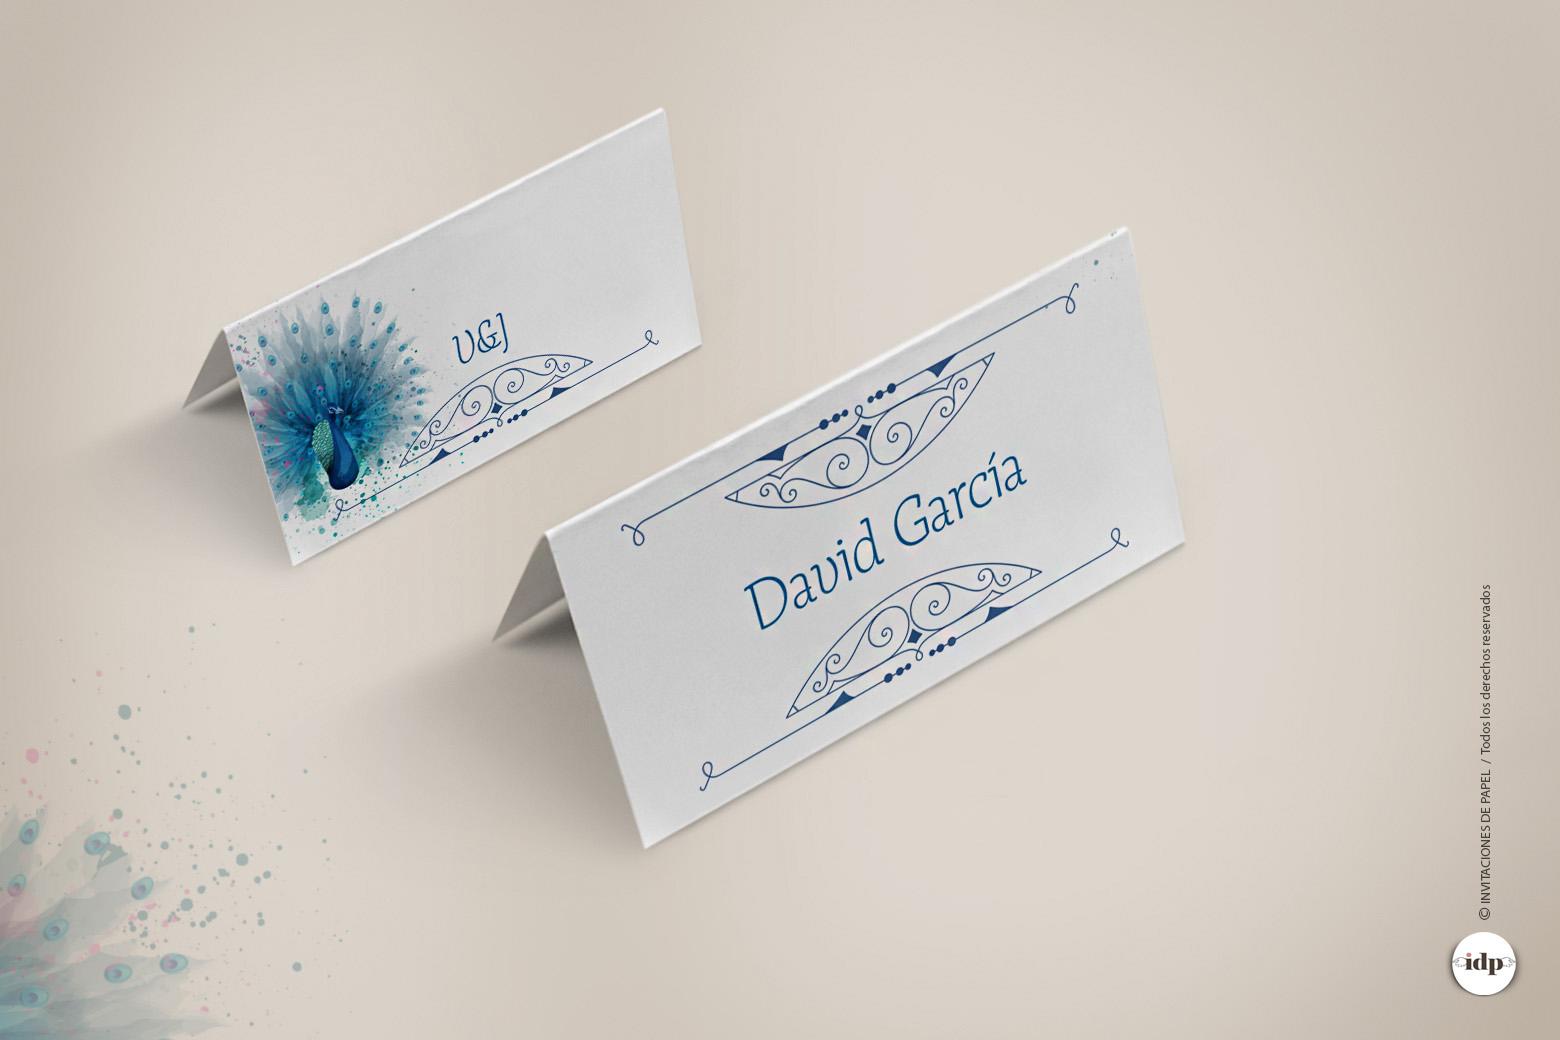 Puestos de Mesa con Nombres de Invitados Vintage en Azul con Dibujo en Acuarela - royal